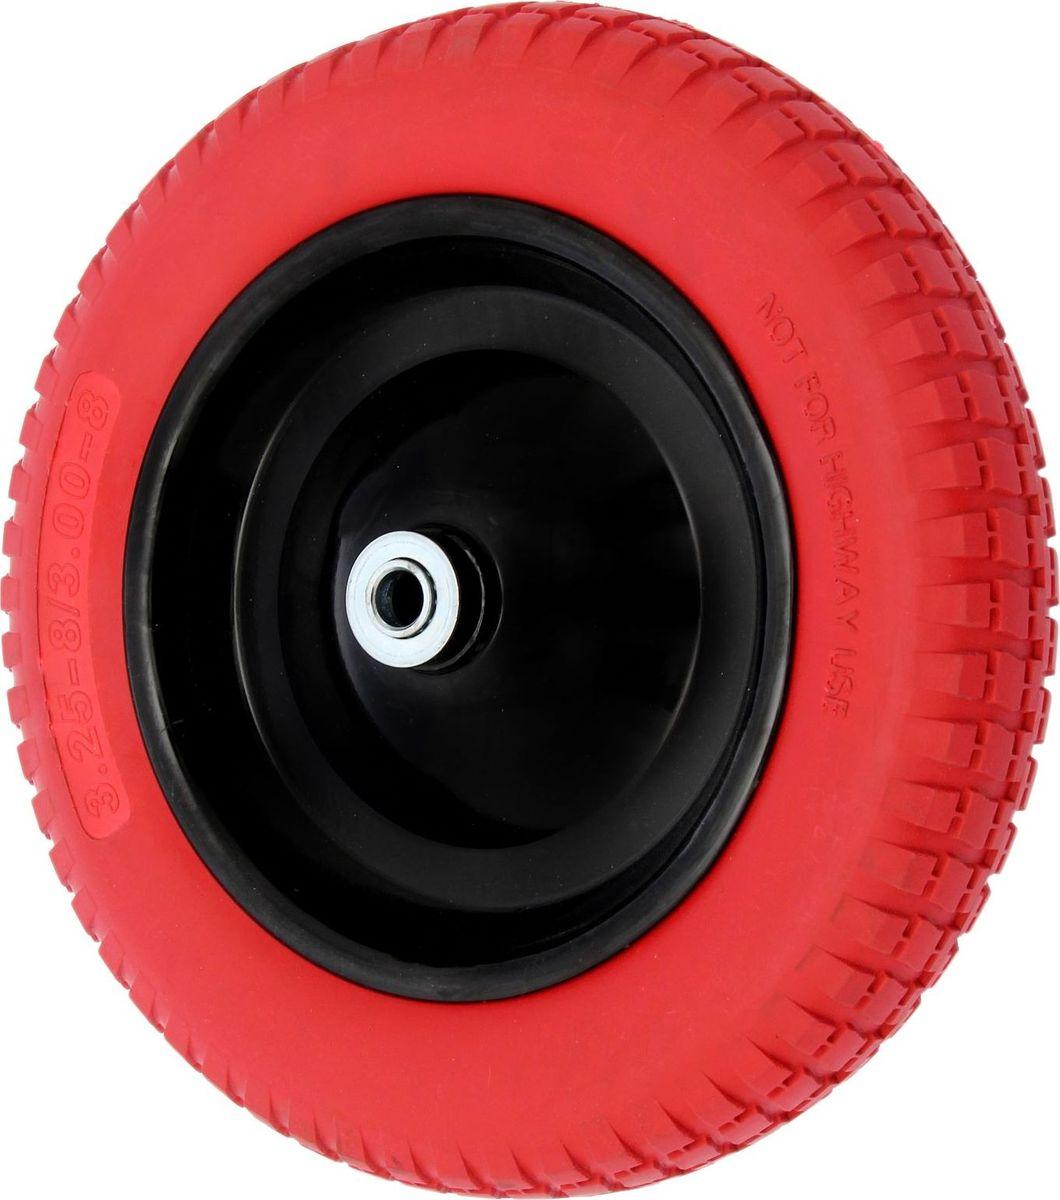 Колесо запасное для тачки, с подшипником, диаметр колеса 34 см1446808Колесо является запасным элементом для тачки. Колесо имеет резиновую шину и яркий крашенный диск. Шариковый металлический подшипник обеспечивает прочность и надежность конструкции.Диаметр колеса: 34 см.Посадочный диаметр оси: 1,8 см. Диаметр отверстия под ступицу: 3,8 см.